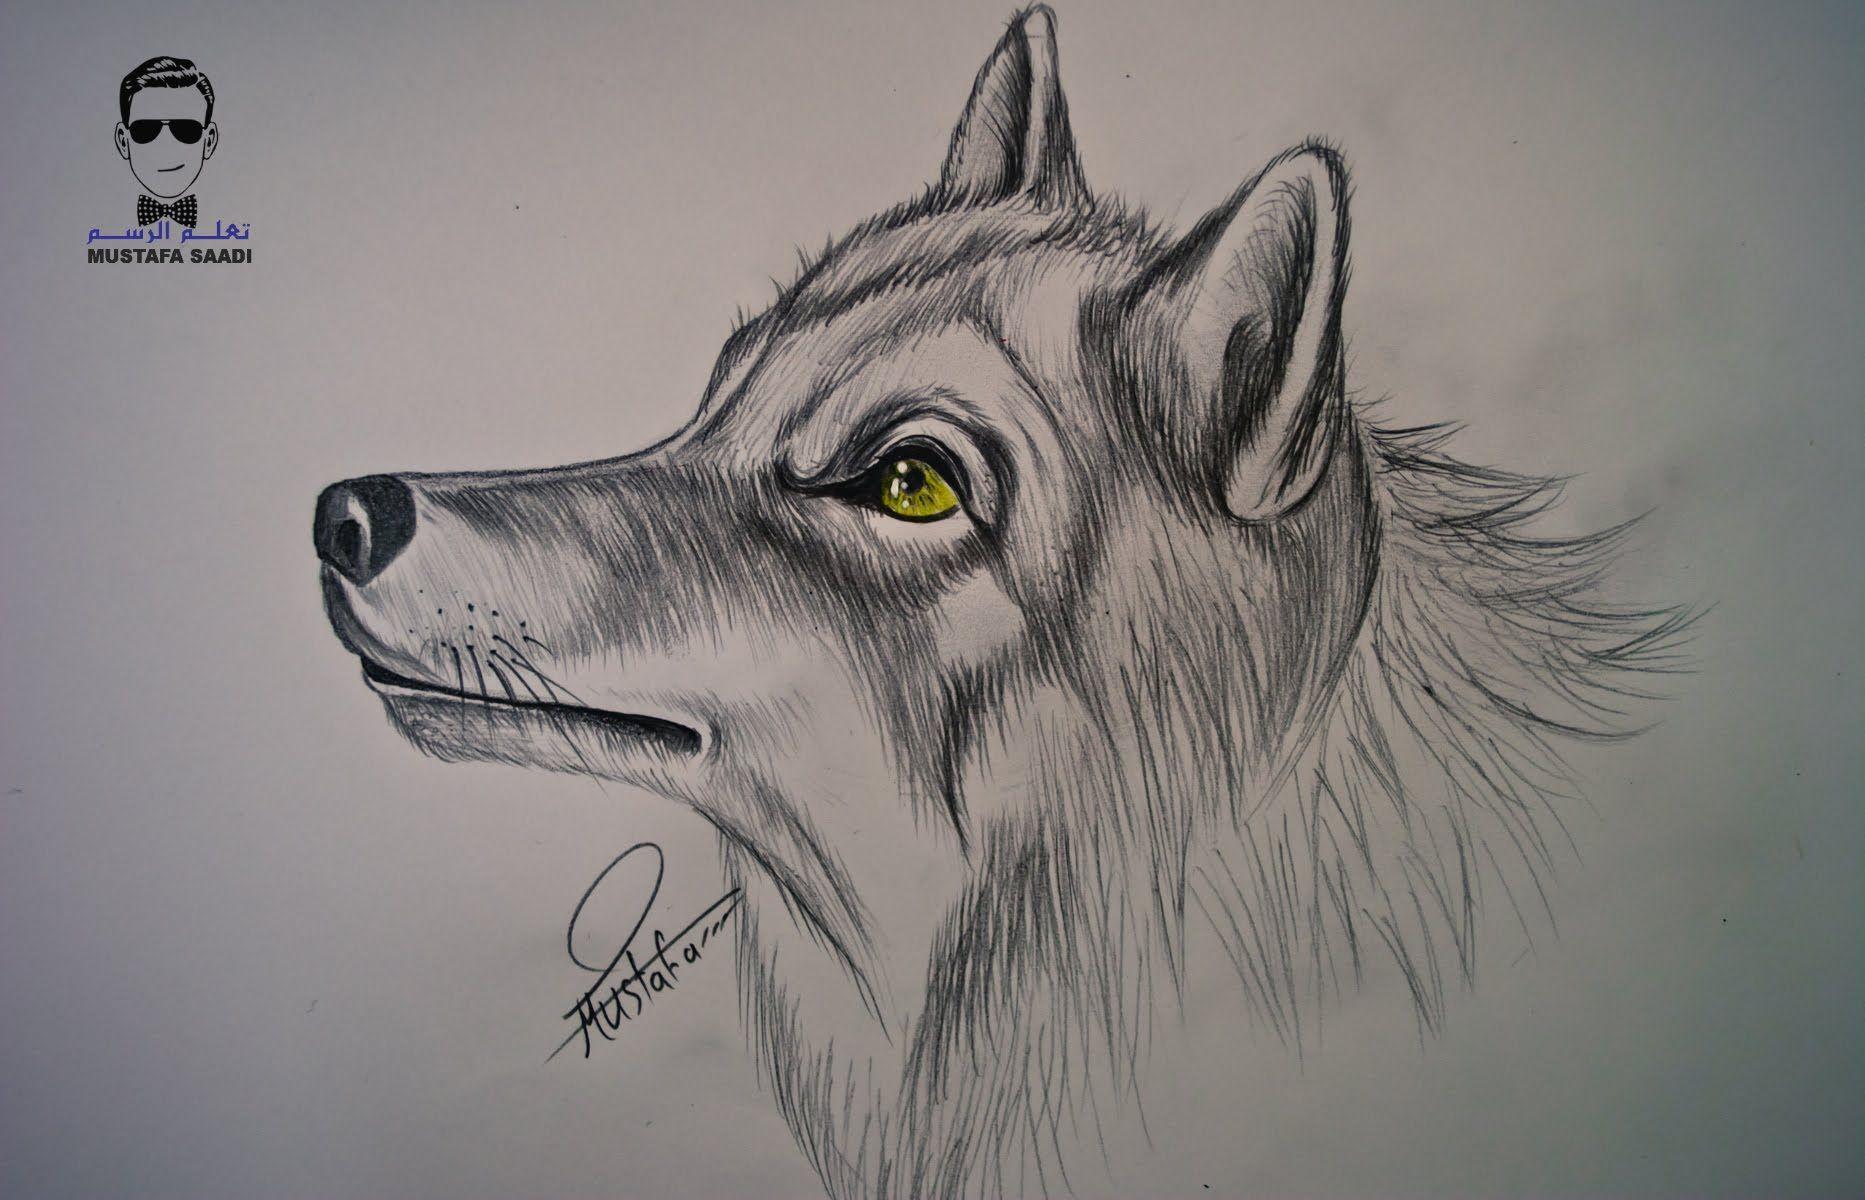 تعلم كيفية رسم كلب بالرصاص مع الخطوات للمبتدئين Animal Drawings Animal Art Sketches